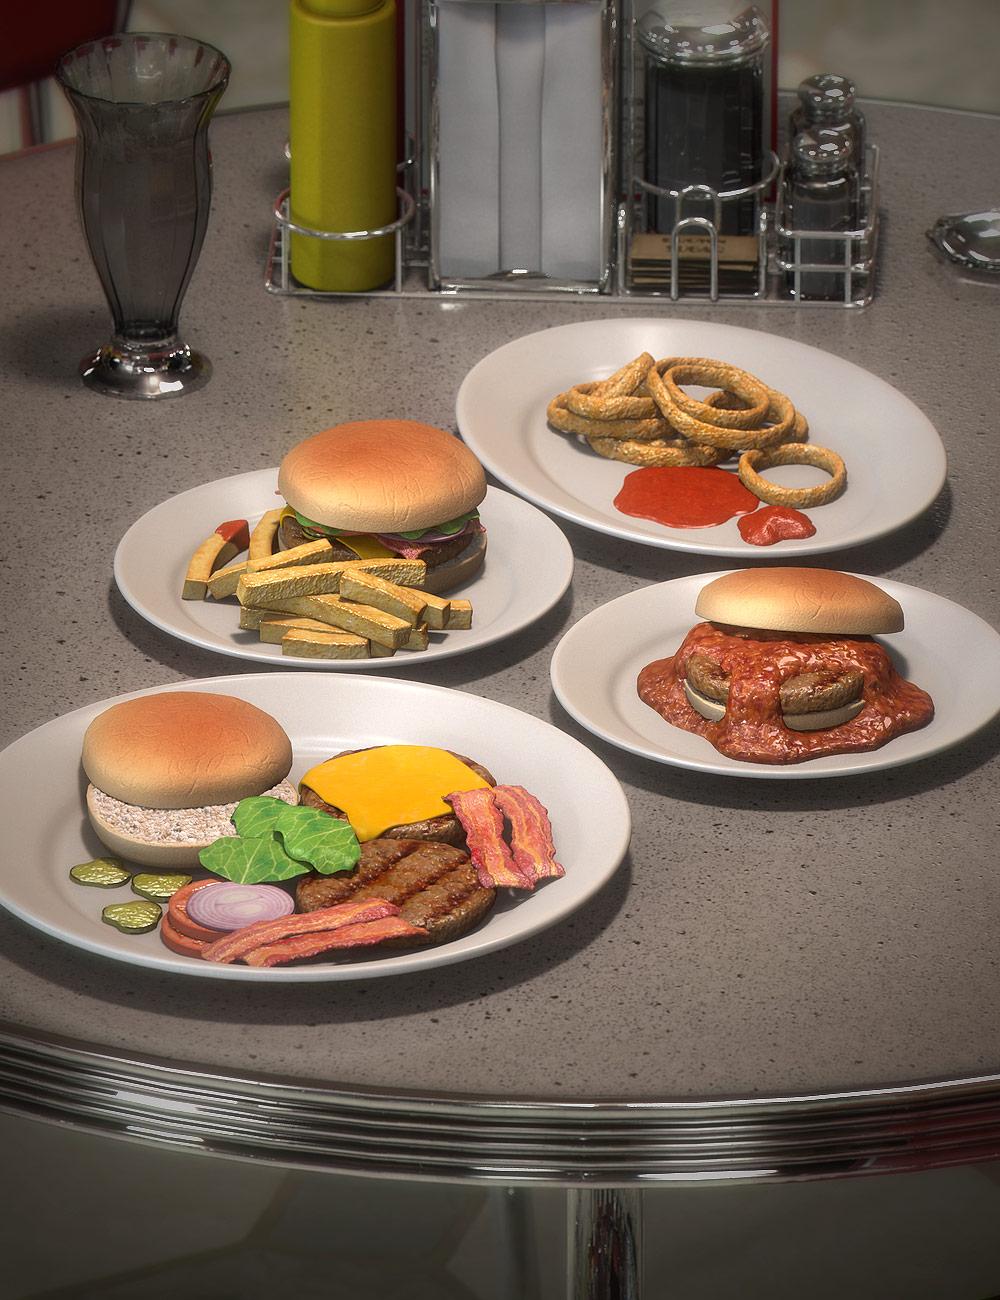 Diner Food 4 by: blondie9999, 3D Models by Daz 3D